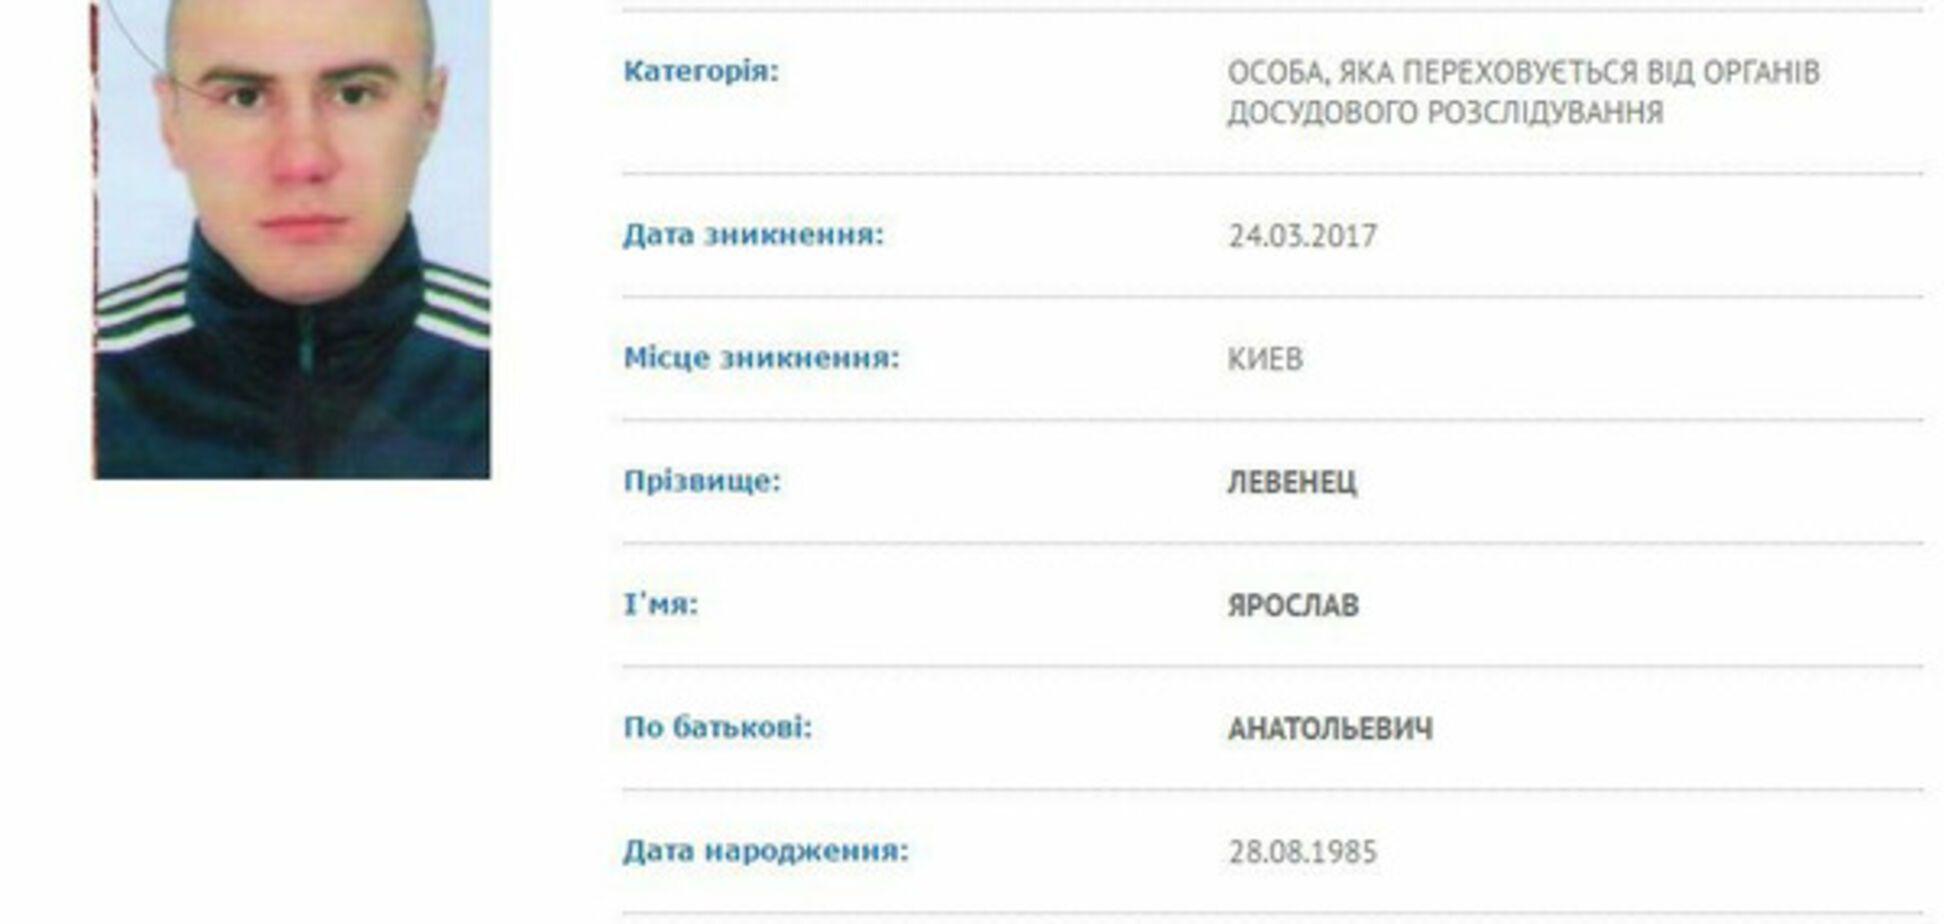 Ярослав Левенець